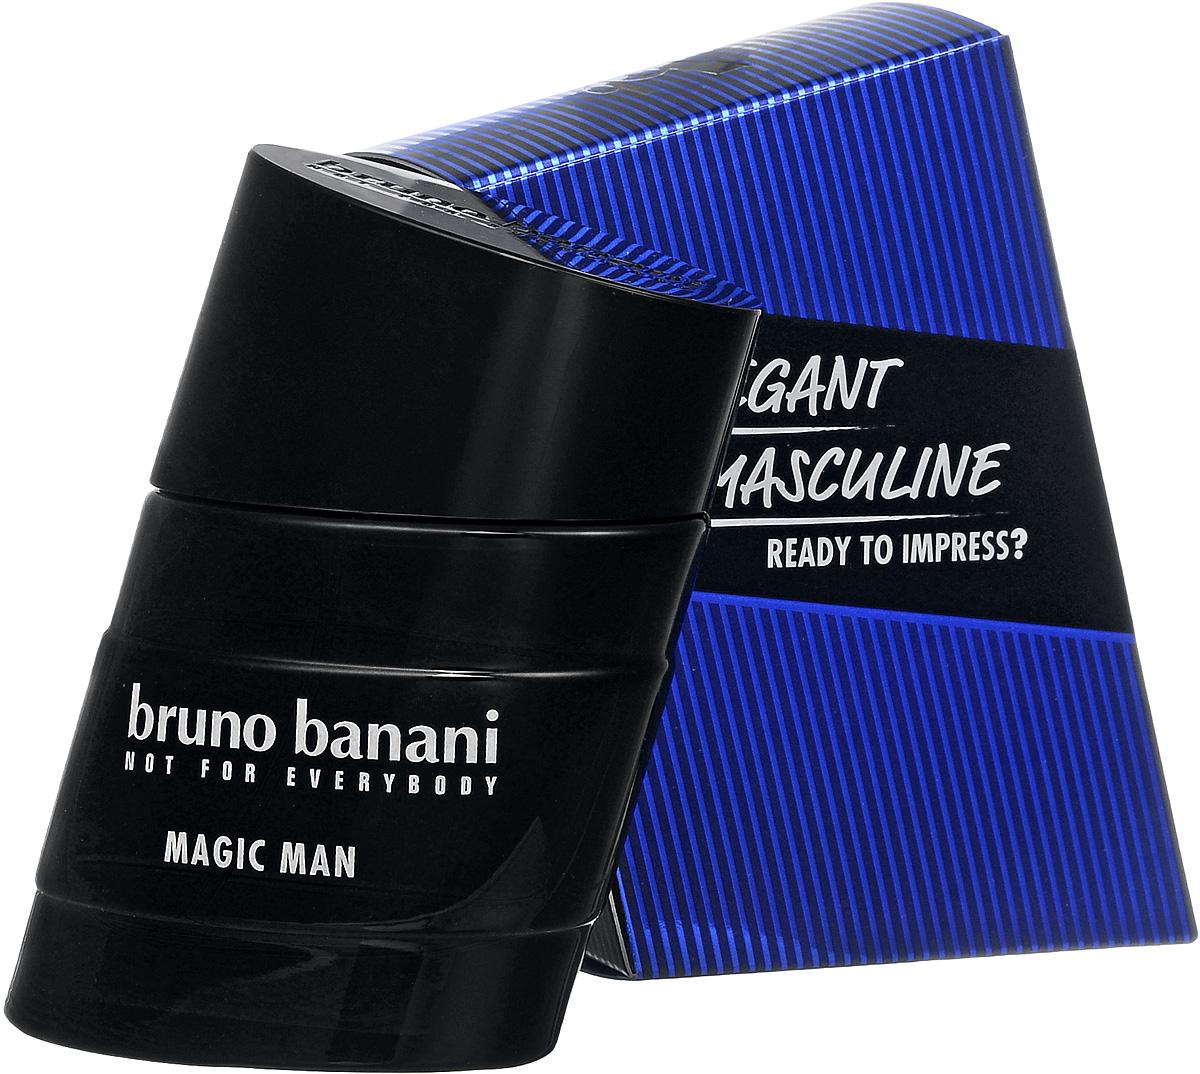 Bruno Banani Magic Man Туалетная вода 30 мл (новая упаковка)0730870138649Magic Man – новый мужской аромат от популярного немецкого дома моды Bruno Banani, известного своей экологически чистой продукцией. Аромат создан в 2008 году. Относится к группе ароматов древесные пряные. Аромат Magic Man Bruno Banani – это волшебное зелье, некая невидимая магическая материя, окутывающая кожу и притягивающая женские сердца своим природным запахом. Композиция аромата начинается нотами специй, джина и кардамона из Гватемалы, плавно растворяясь в нотах сердца: цикламене, какао и бархотке. К концу дня вы ощутите на своей коже устойчивый шлейф из нот пачули и амбры.Верхняя нота: Джин.Средняя нота: Бархатцы, Цикламен, Какао.Шлейф: Амбра, Пачули.Теплое древесное сердце аромата, яркий аккорд джина и неповторимый ладан.Дневной и вечерний аромат.